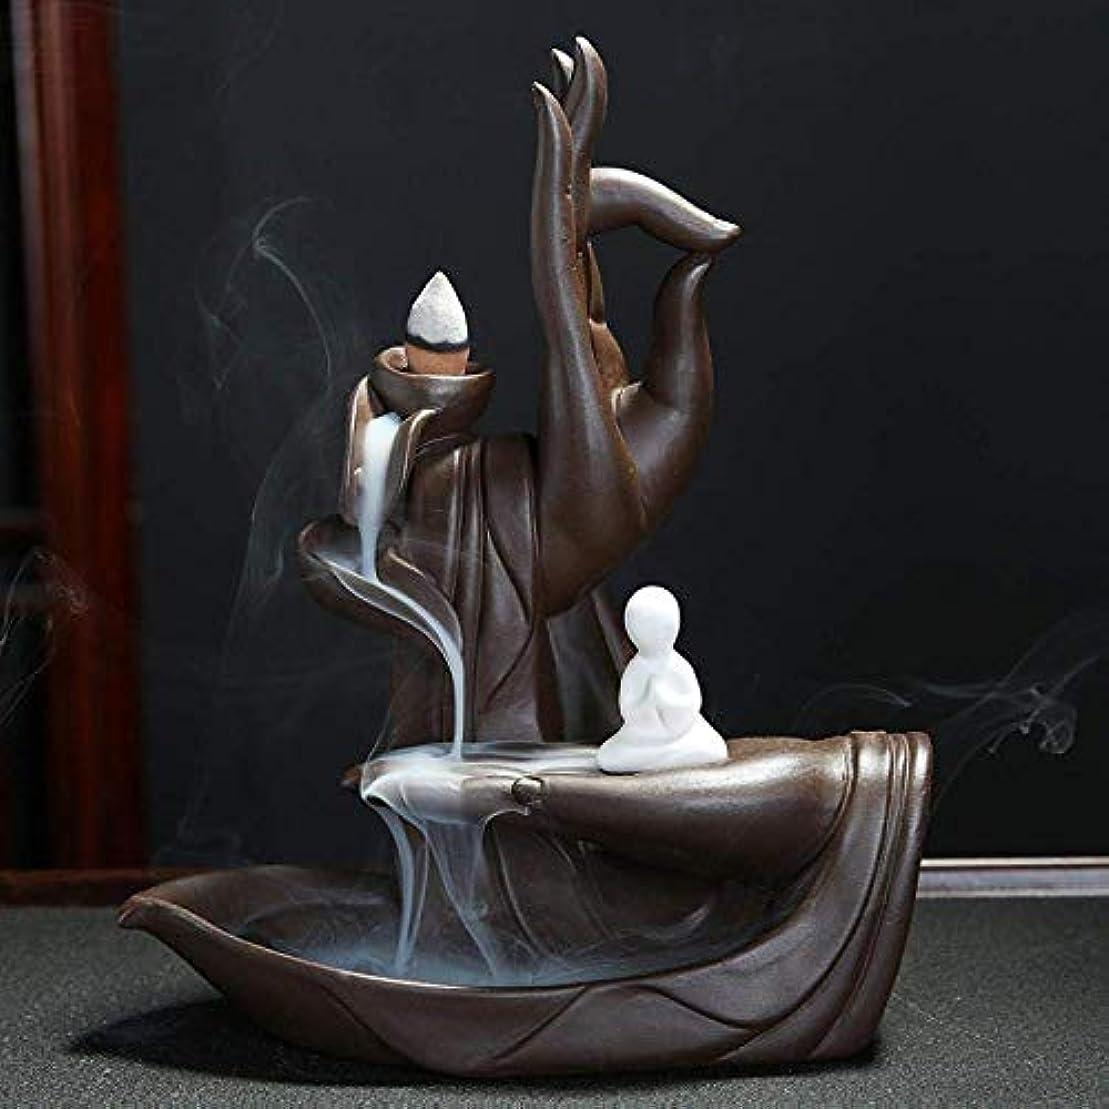 祭司磁器変化する逆流香ホルダー、香バーナーセラミック香スティックホルダーホームデコレーション手芸ギフト,Zen Man